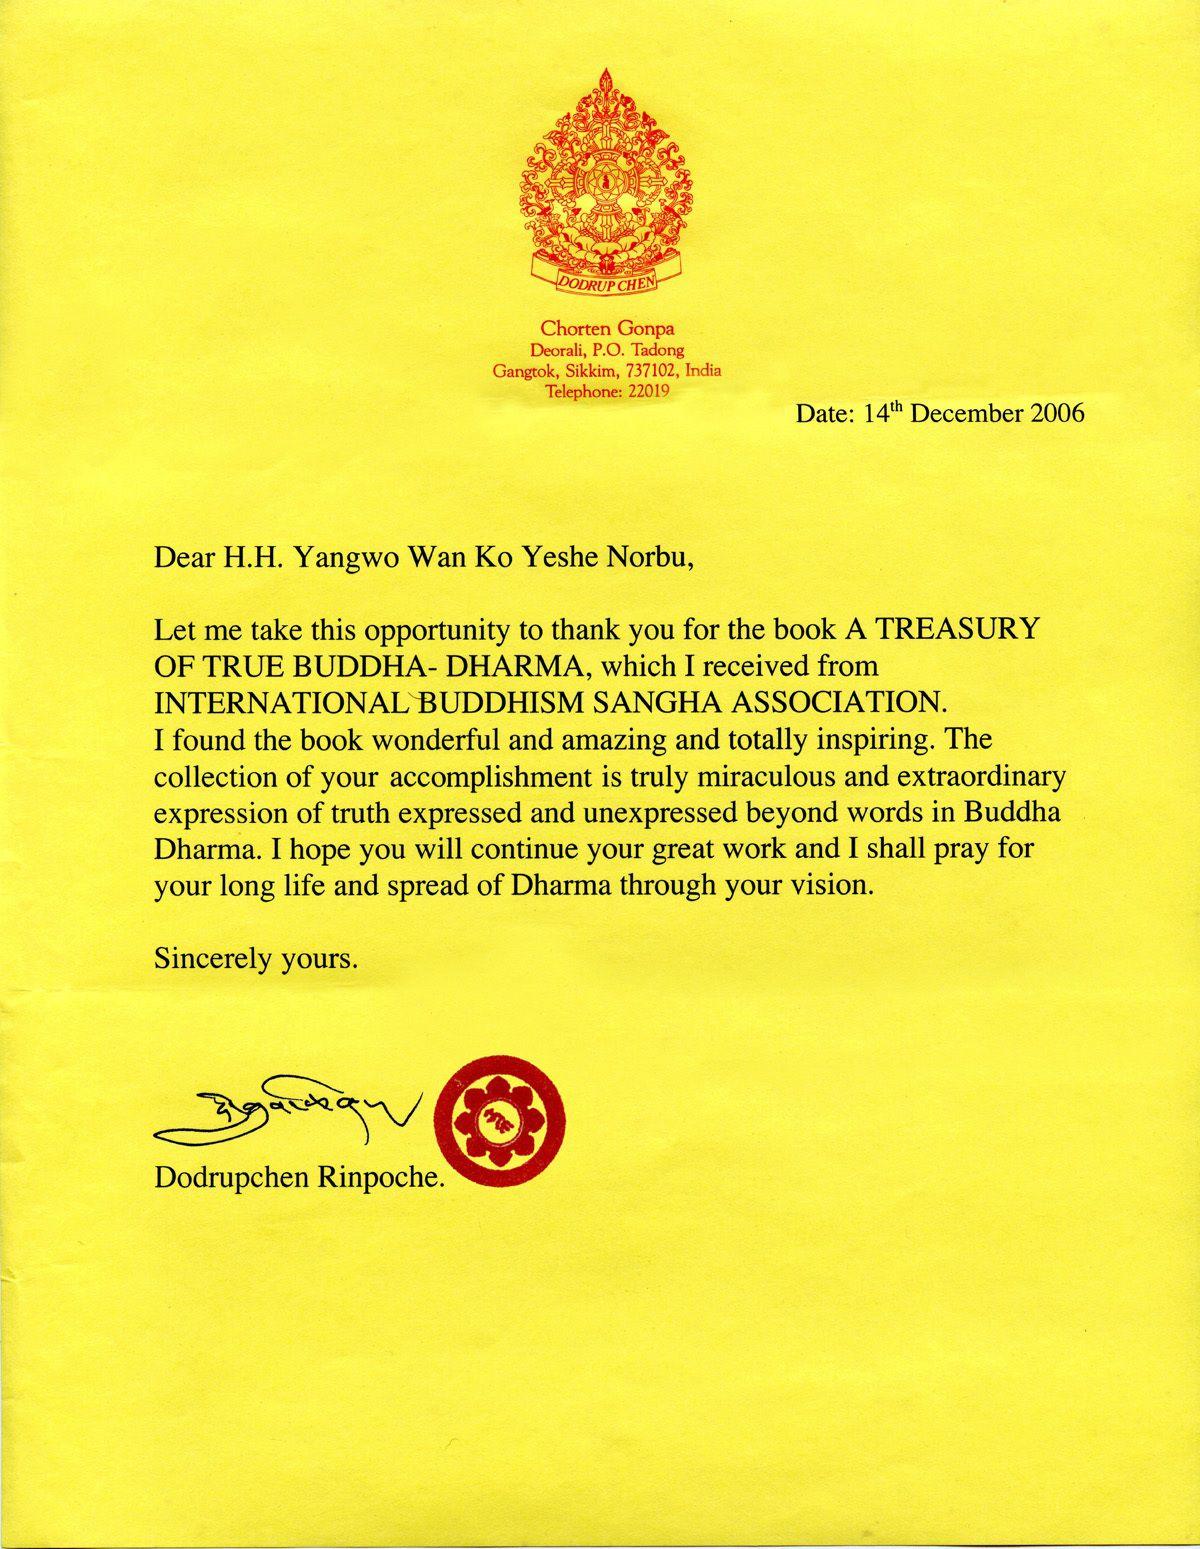 世界最高虹身成就獨掌人:多智欽法王敬賀第三世多杰羌佛